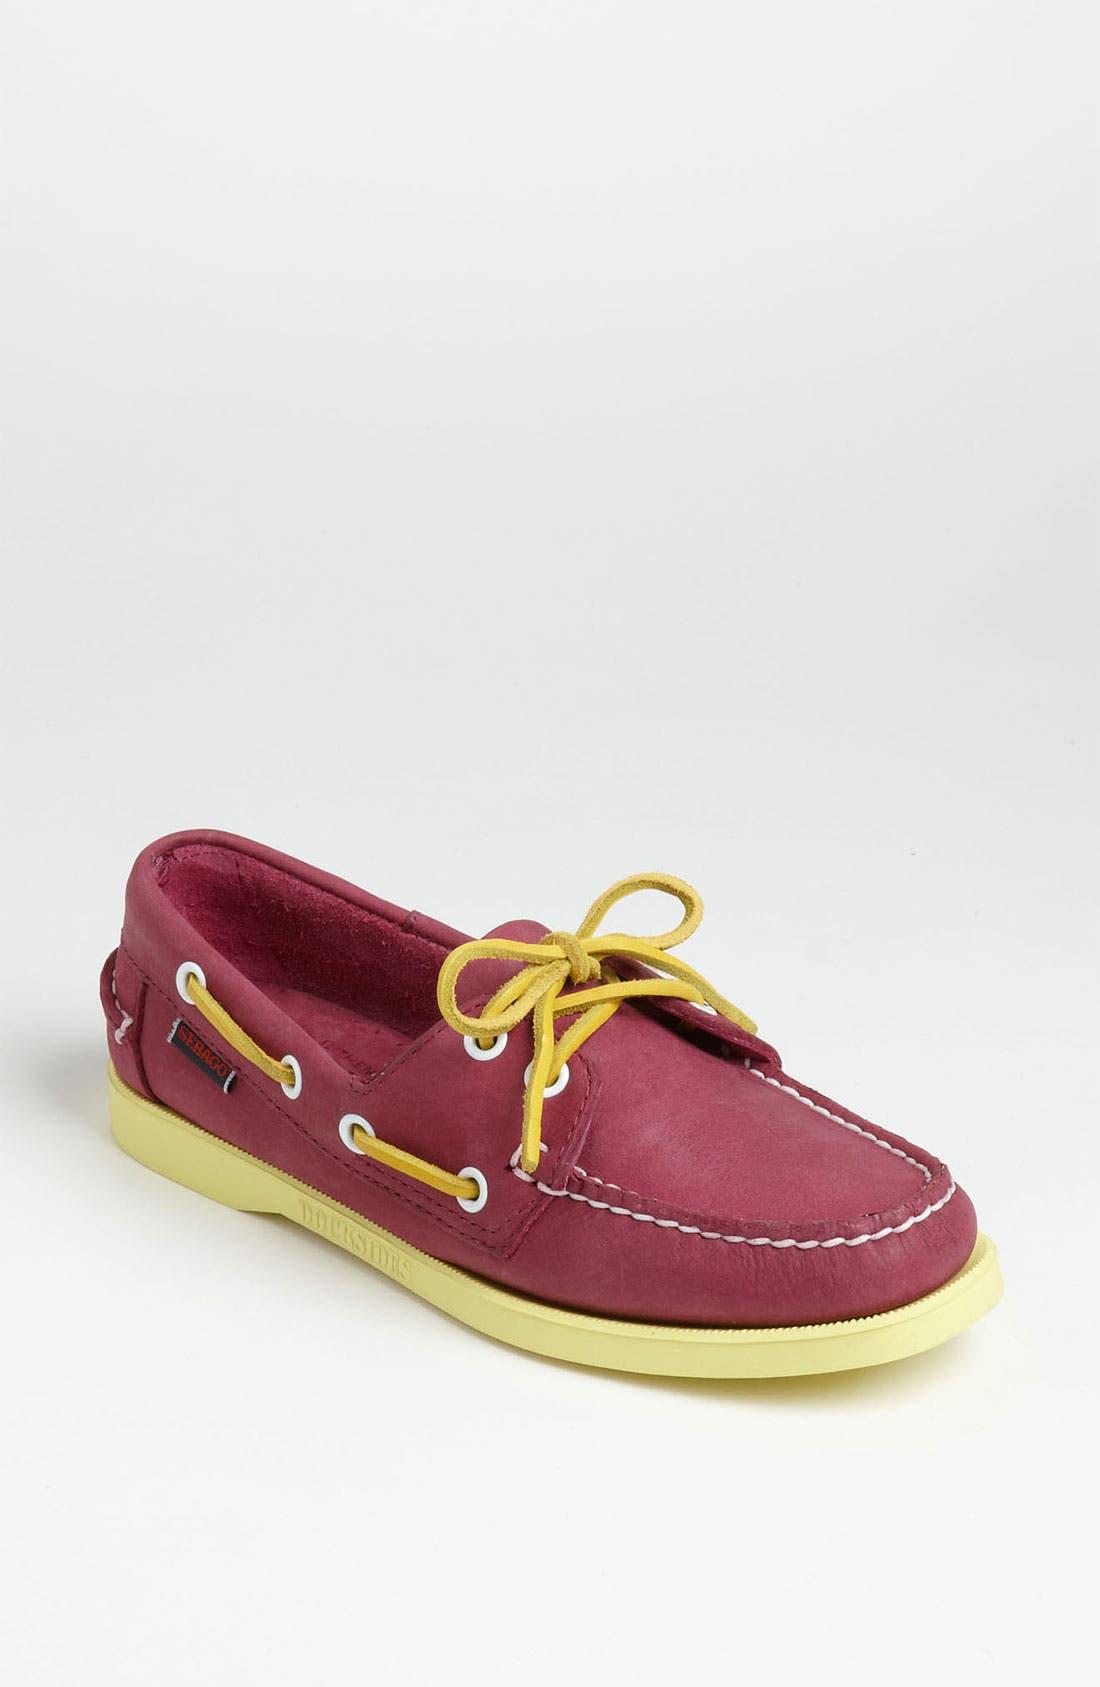 Alternate Image 1 Selected - Sebago 'Docksides' Boat Shoe